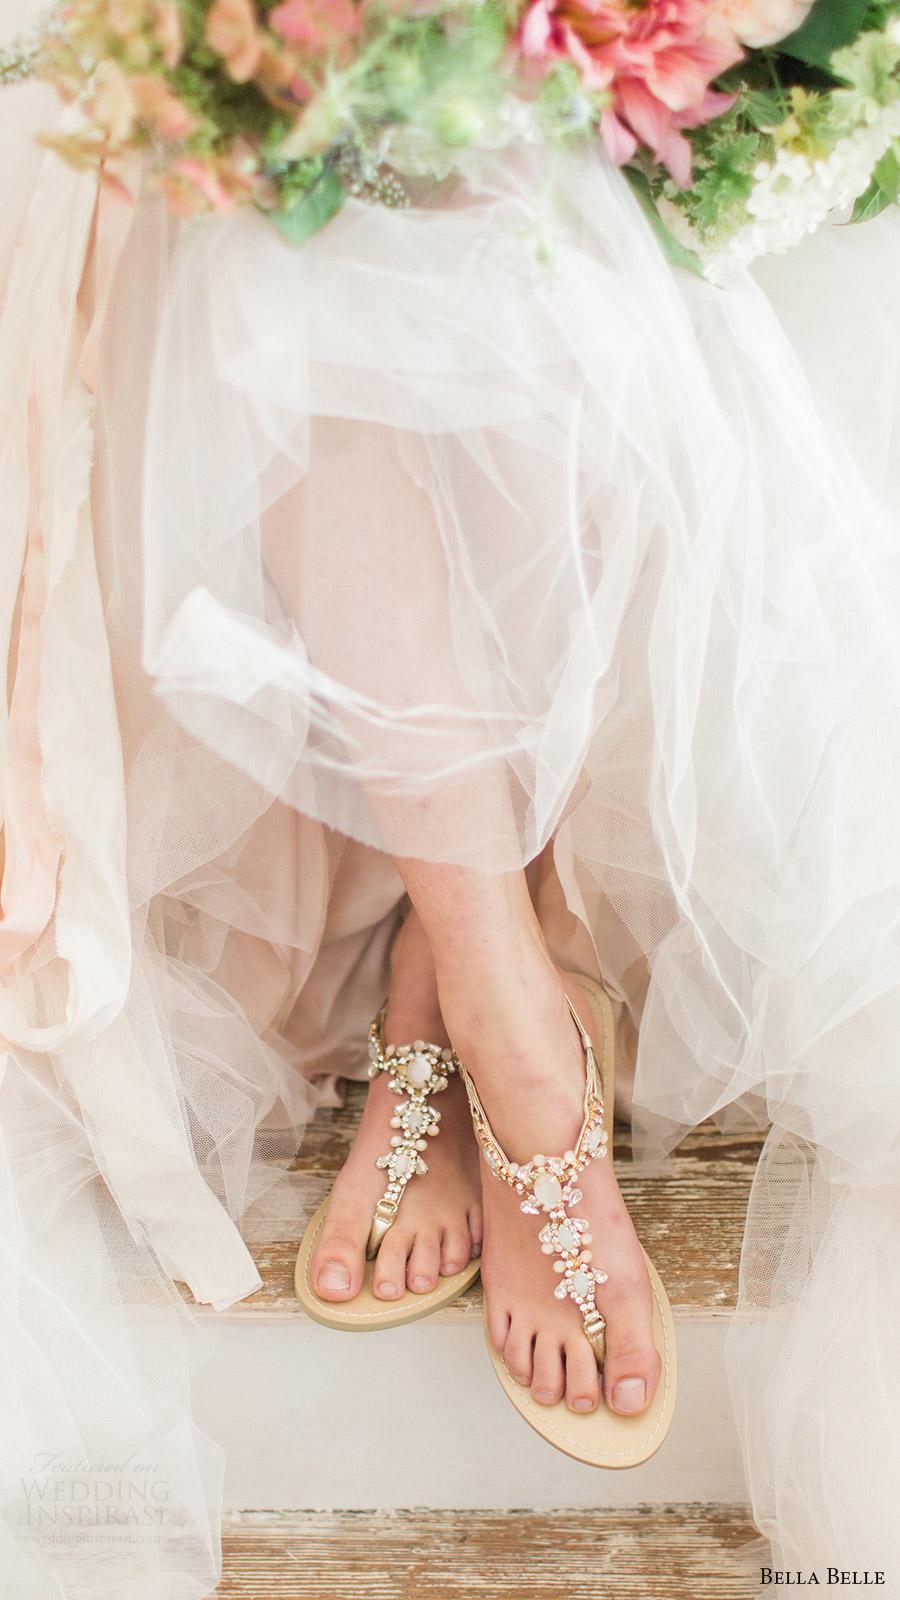 bella belle bridal shoes 2016 luna wedding sandals for destination weddings